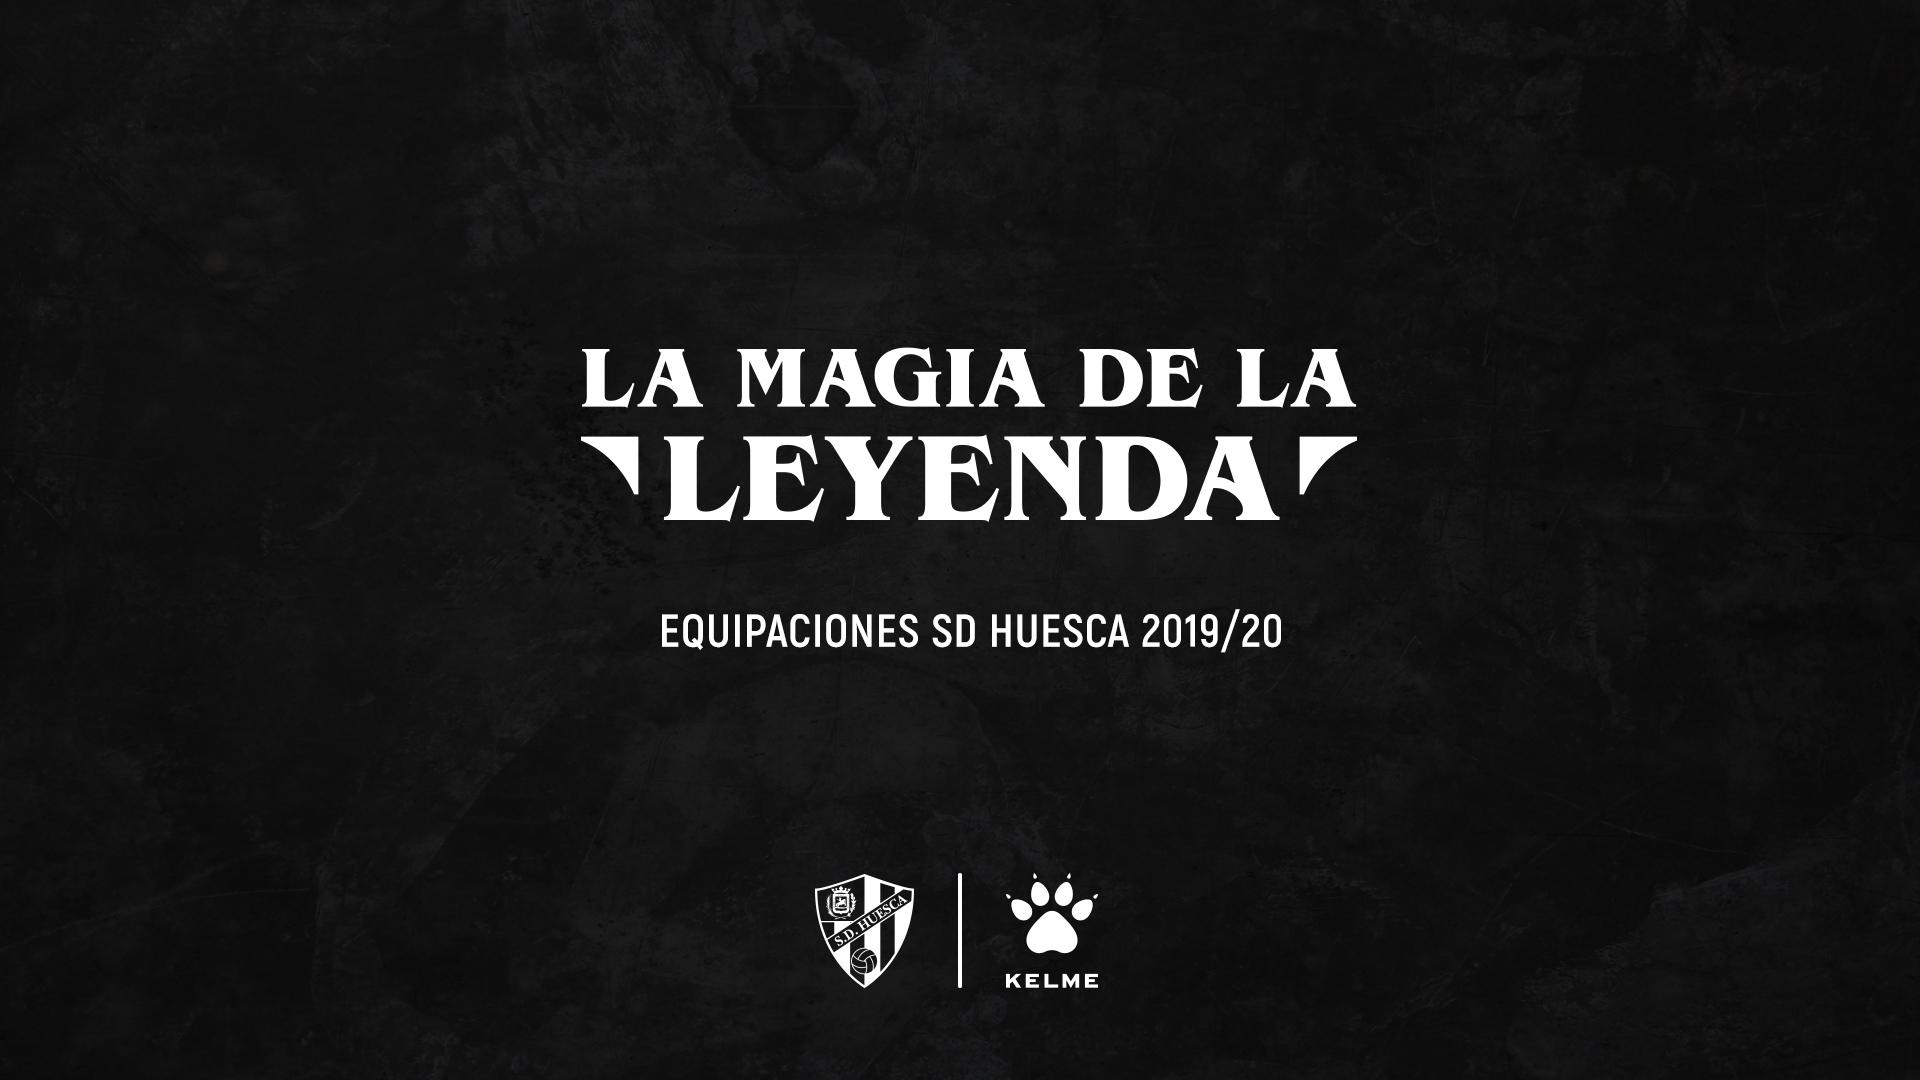 La magia de la leyenda - SD Huesca camisetas oficiales